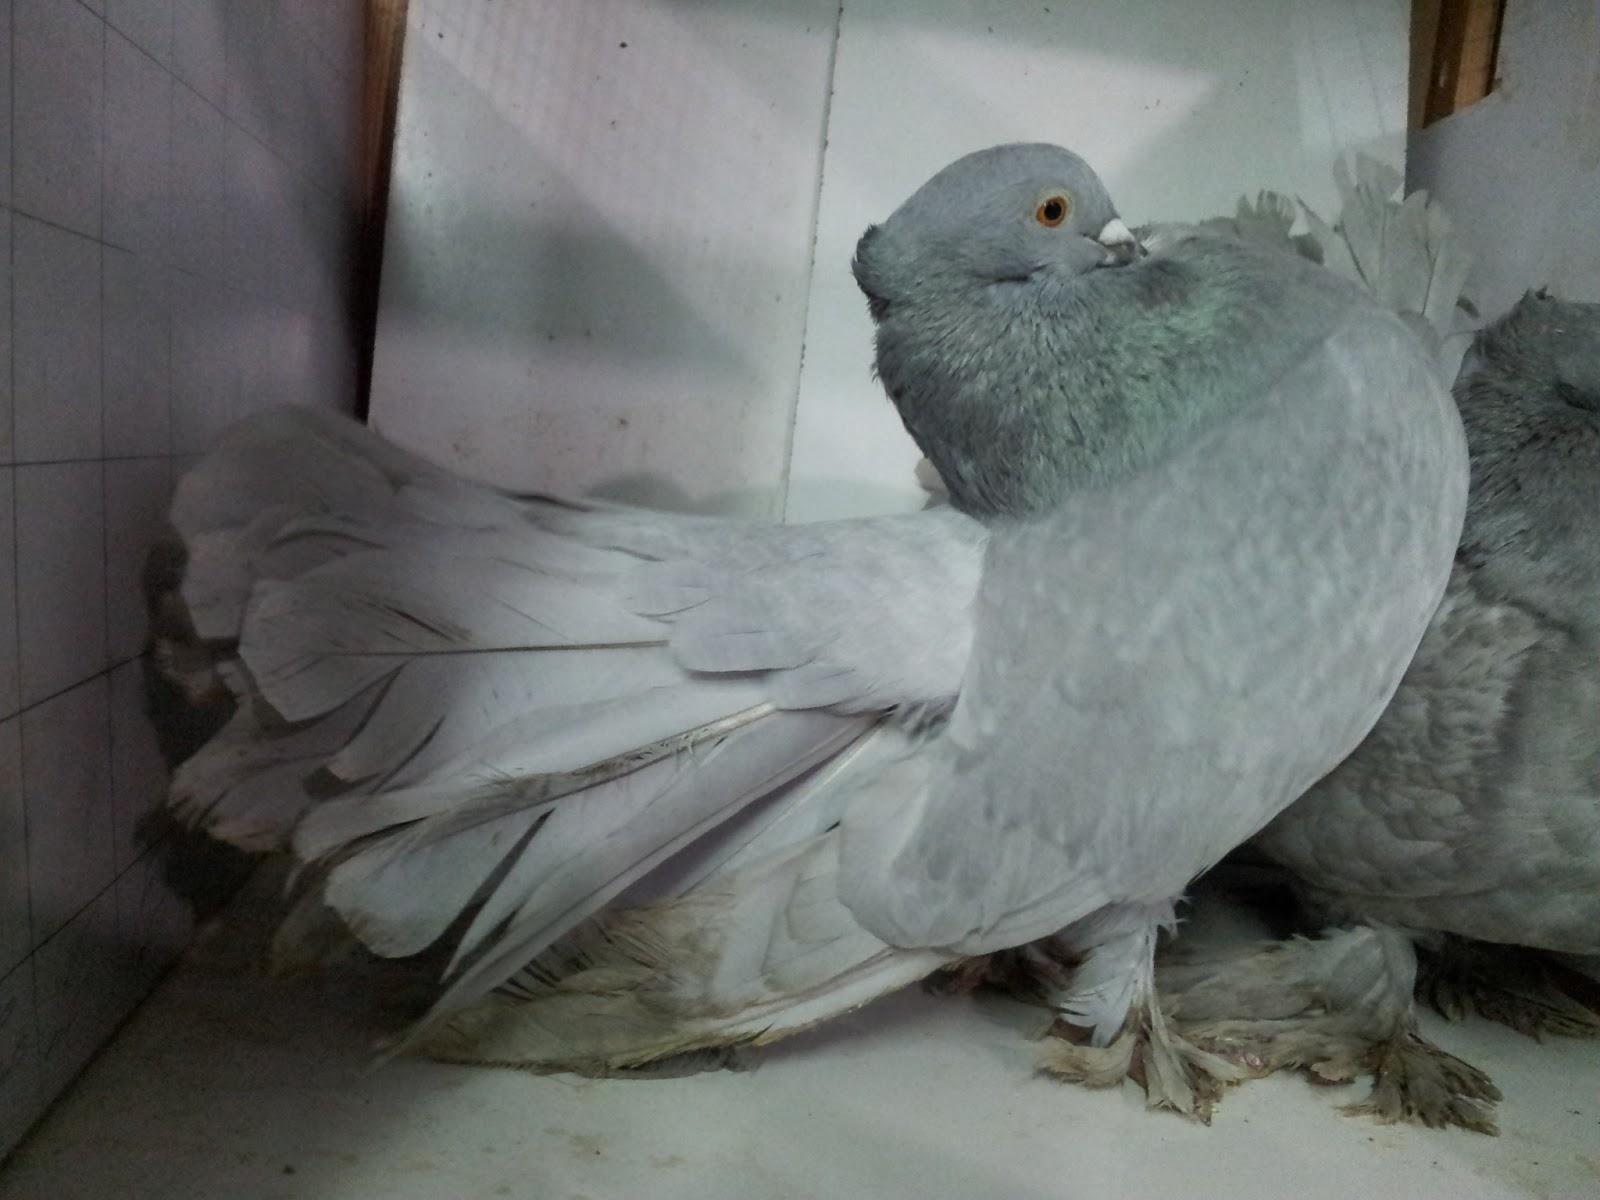 صور حمام طيور جميلة اجمل خلفيات طيور جارحة طيور جميلة 6